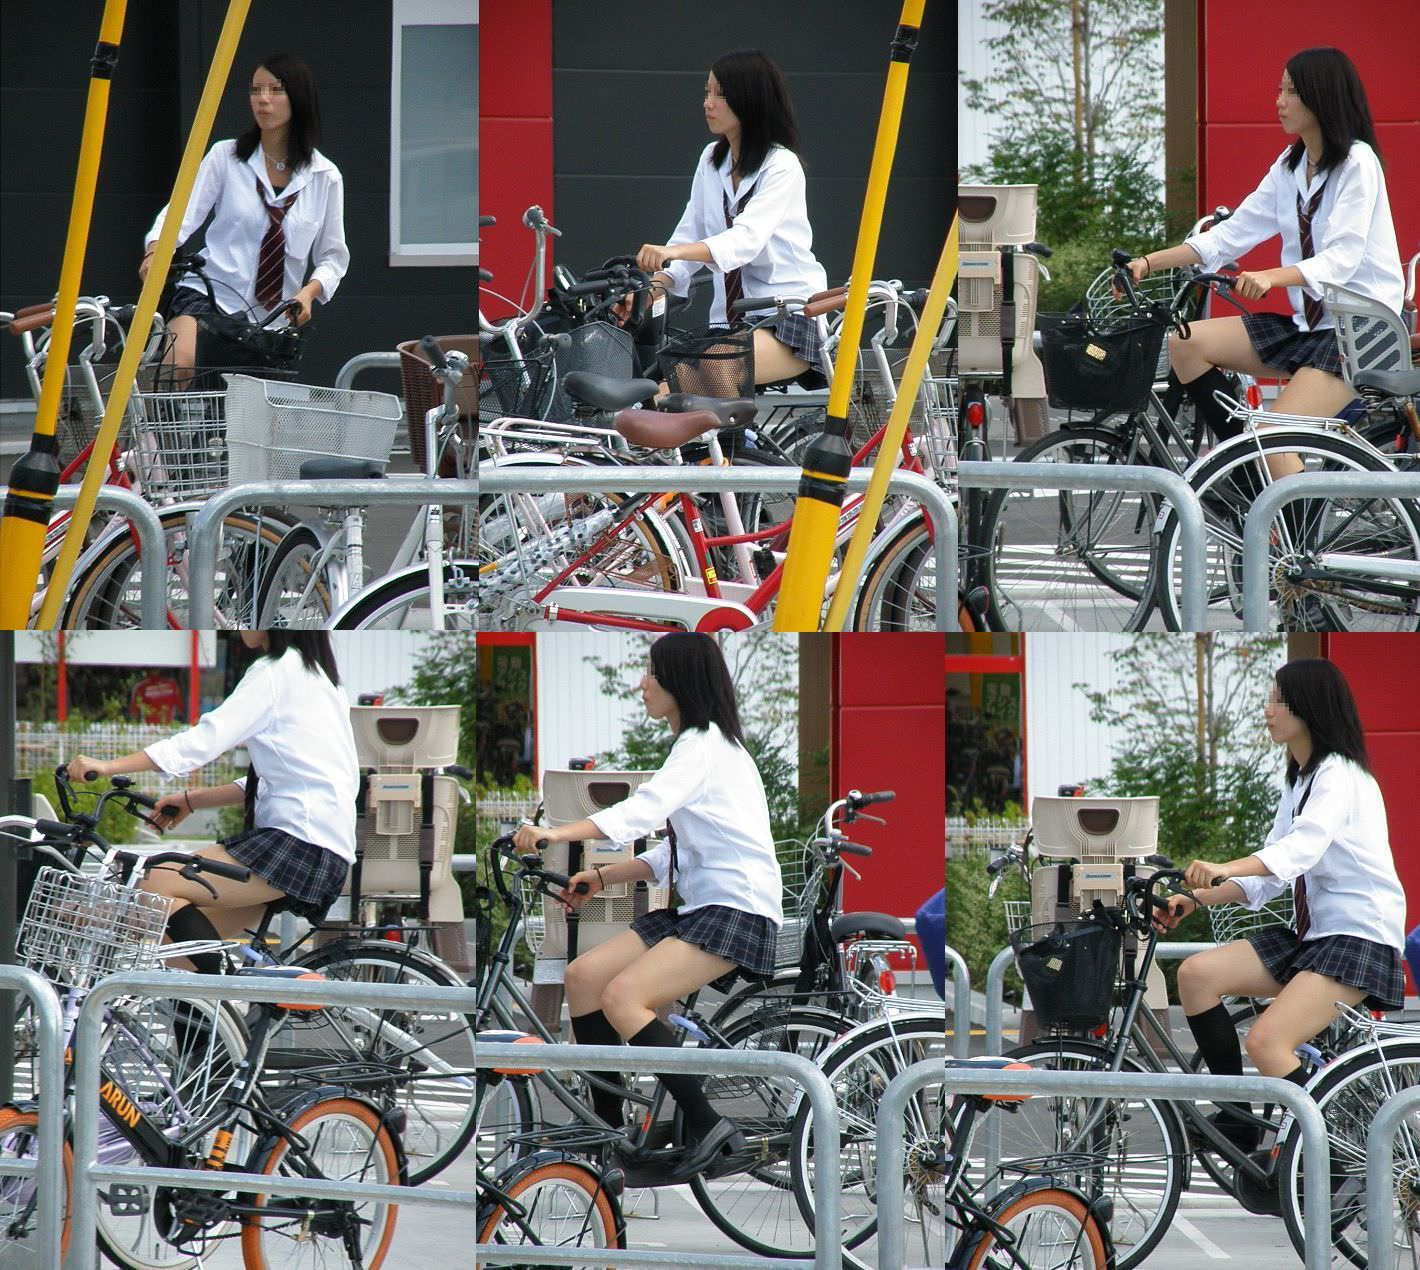 制服jkのパンティーを街撮り盗撮したパンチラ画像www 1017